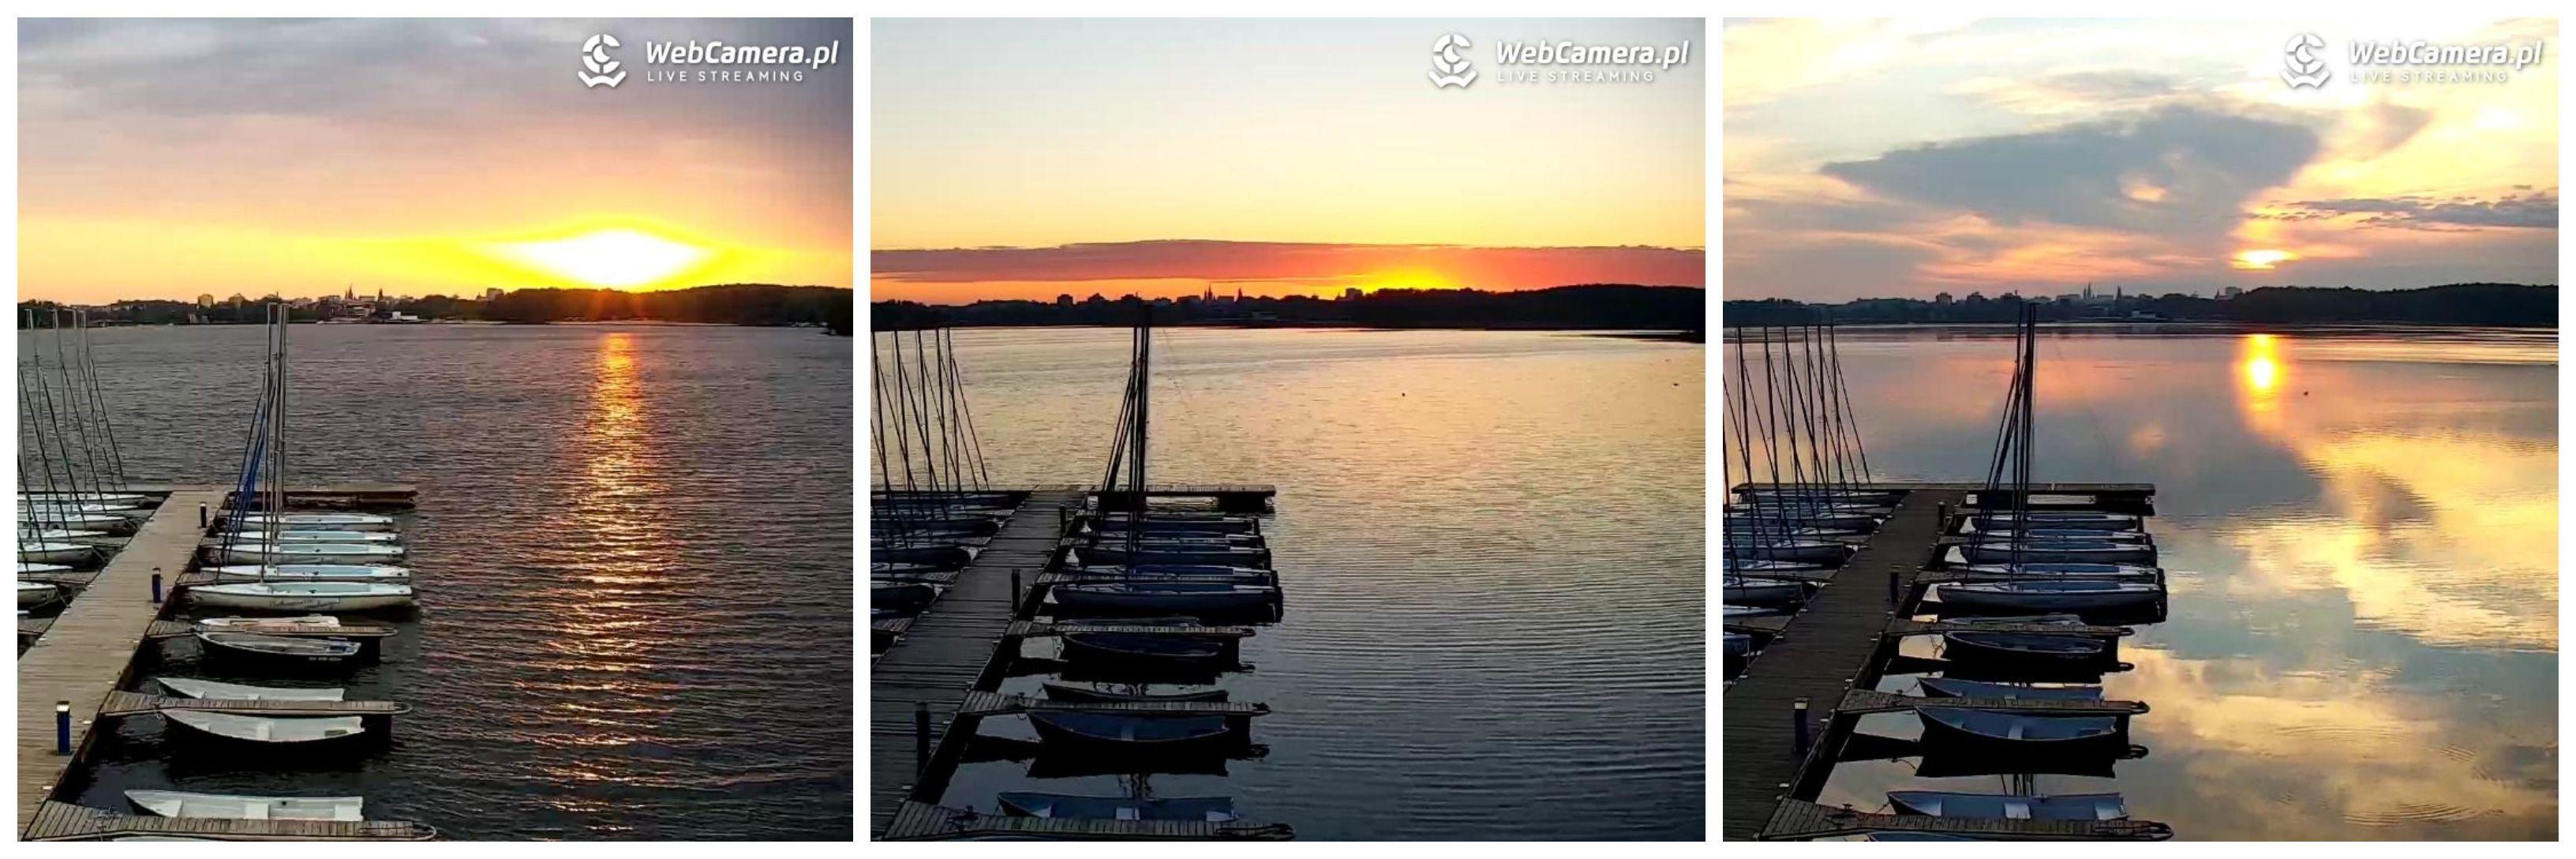 Marina w Olsztynie - równie piękna zobacz